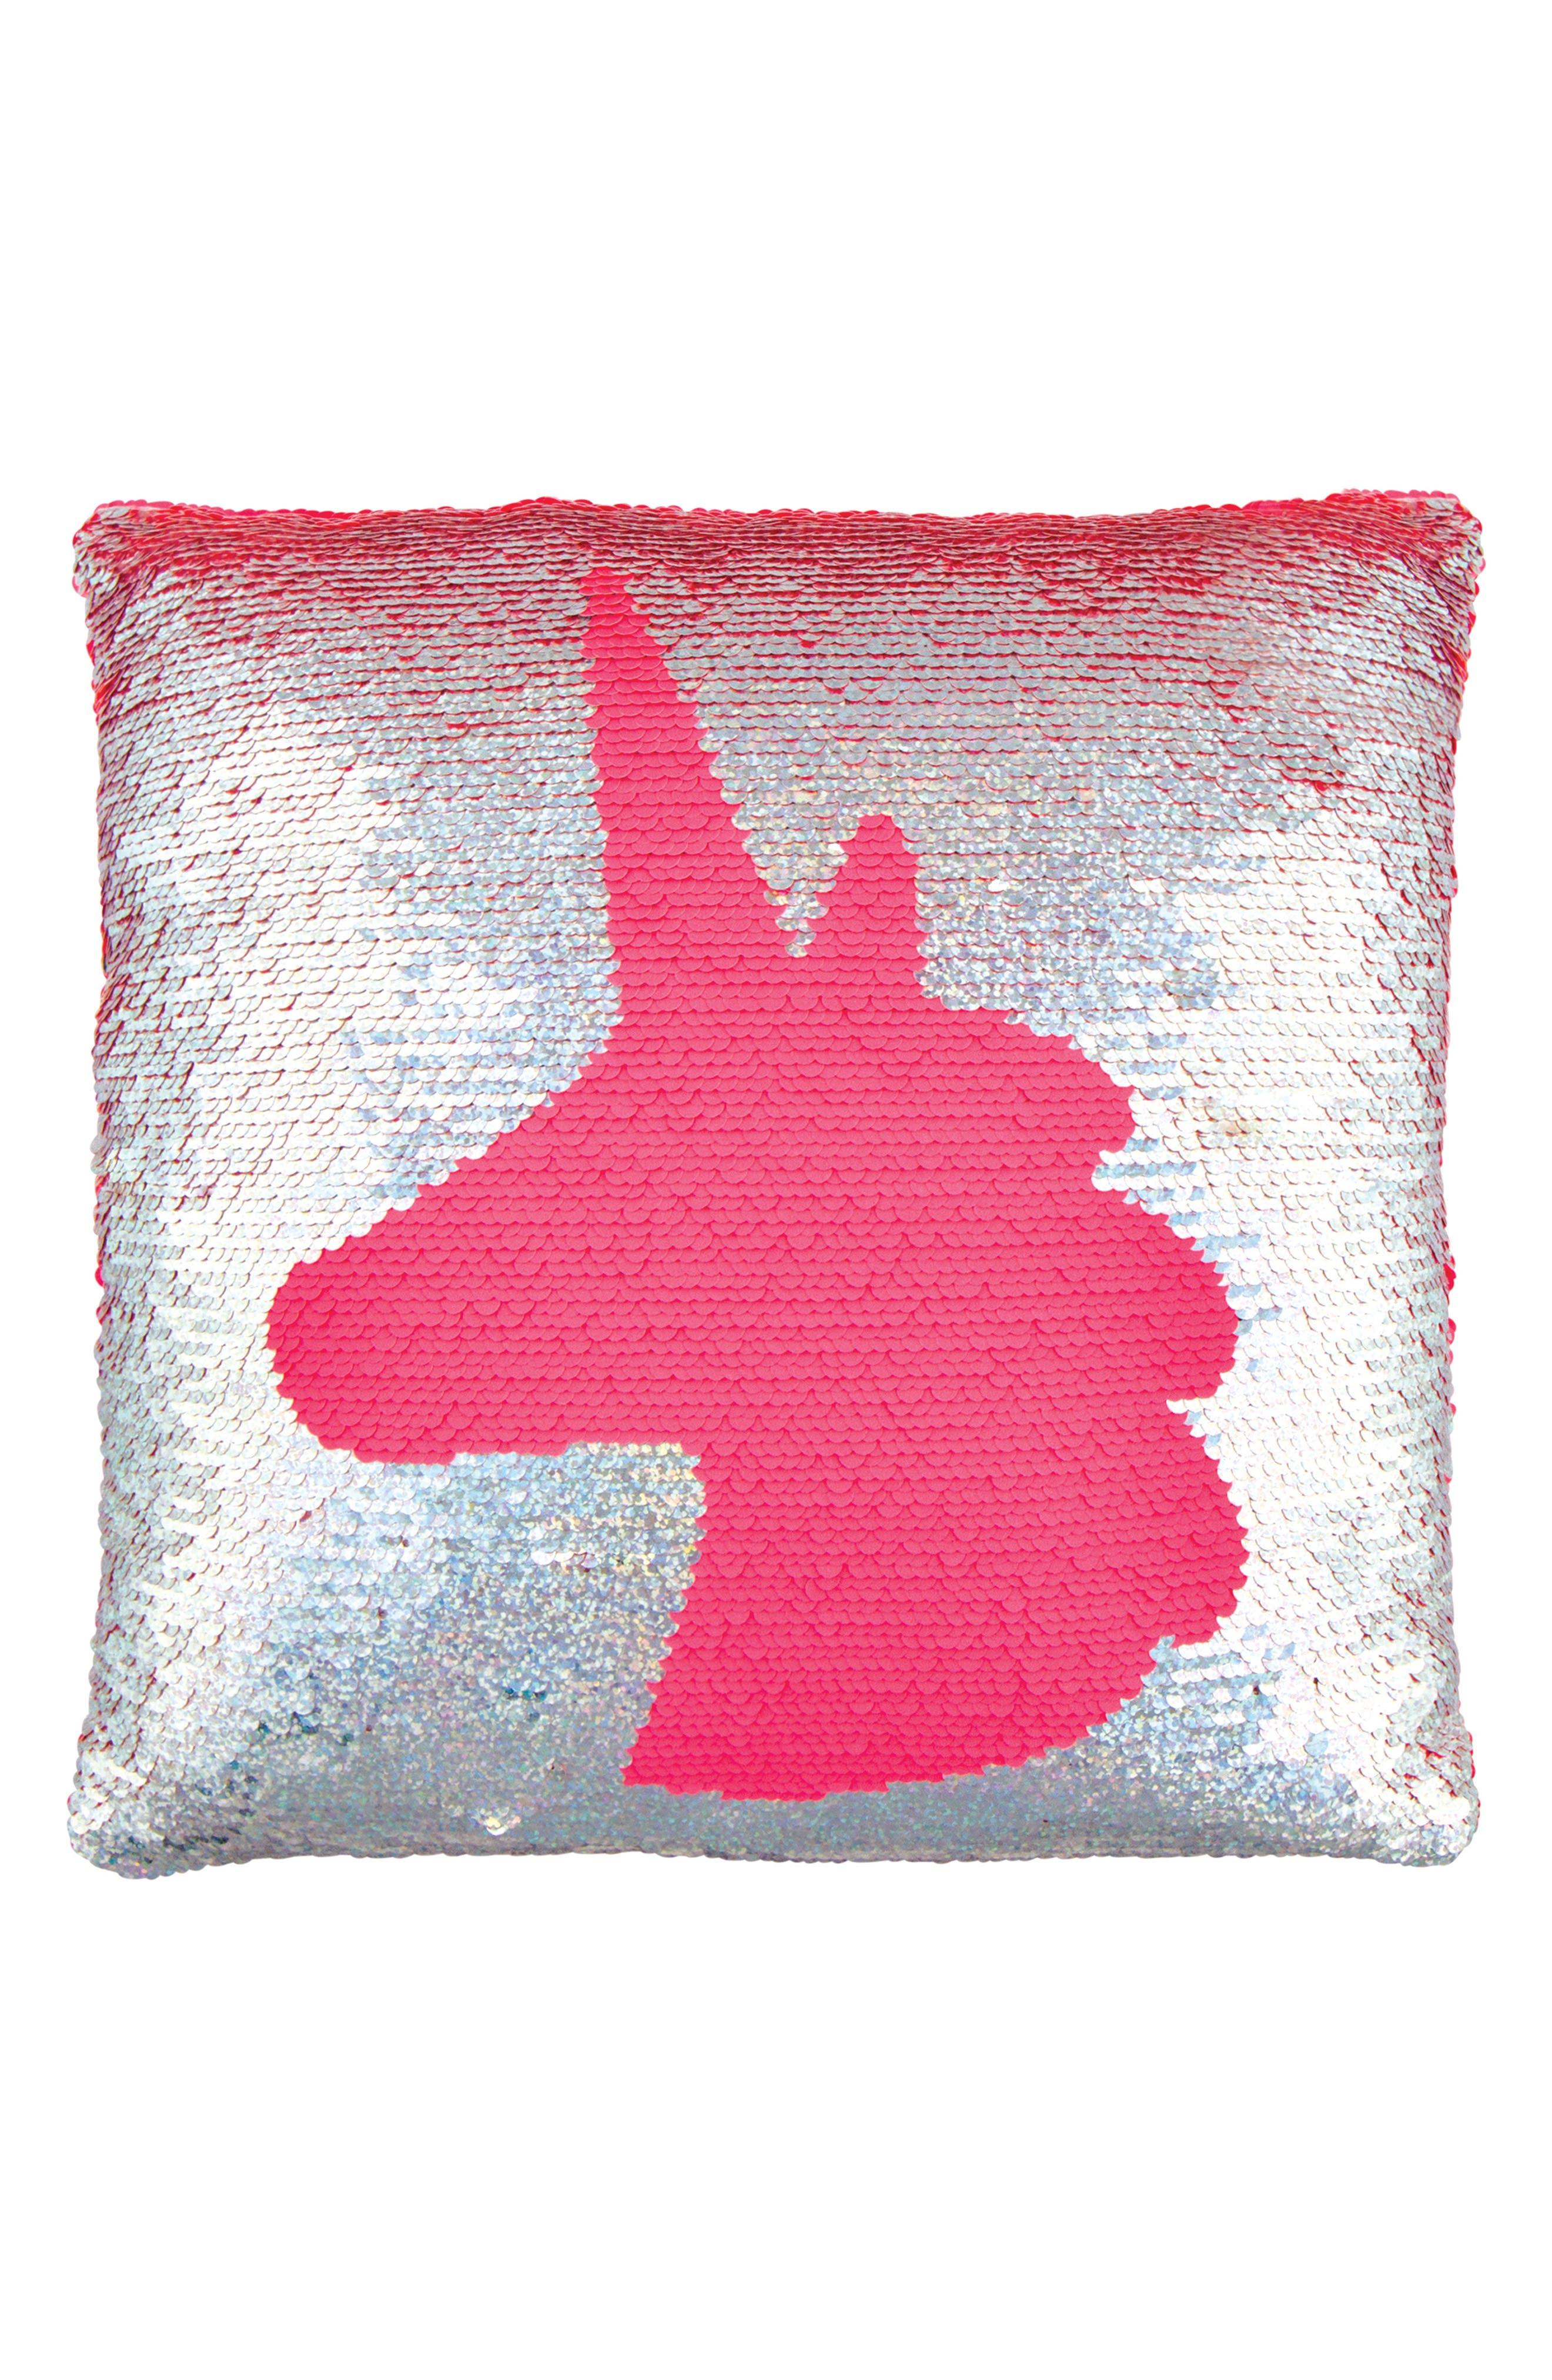 Magic Flip Sequin Unicorn Accent Pillow,                             Alternate thumbnail 3, color,                             650